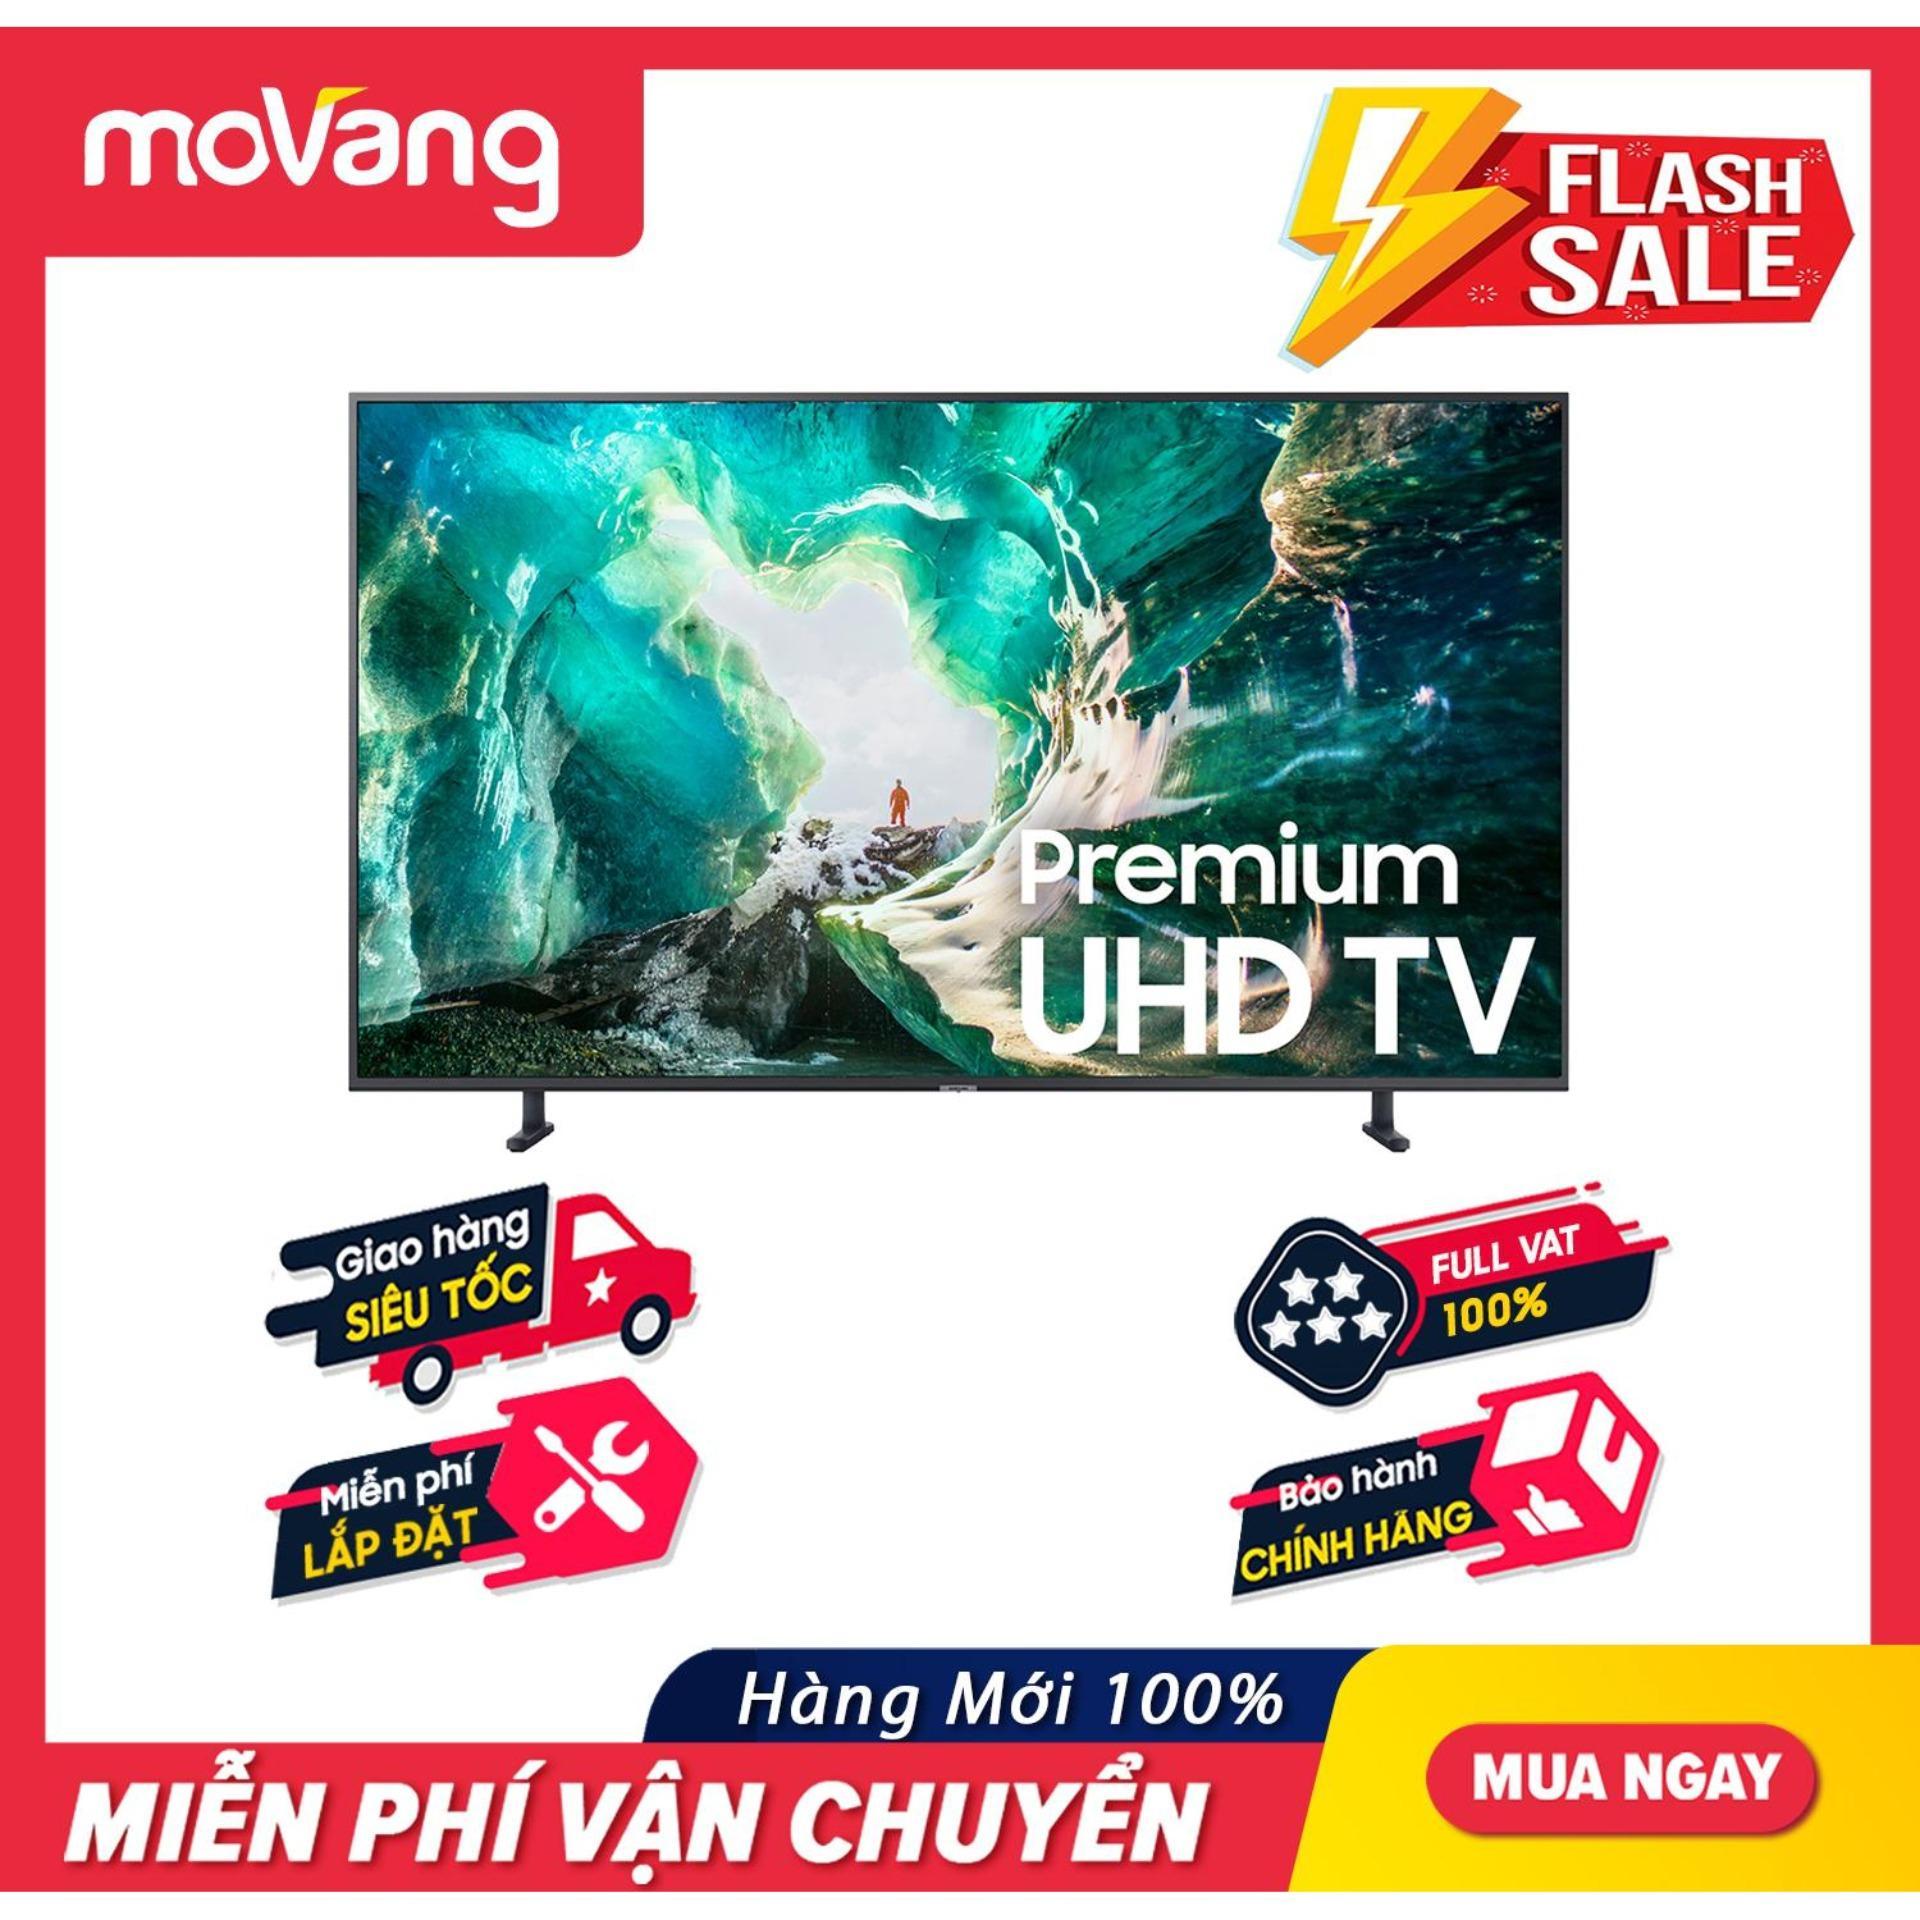 Bảng giá Smart Tivi Samsung 4K UHD 55 inch - Model UA55RU8000 (2019) - Công nghệ hình ảnh HDR, UHD Dimming, Purcolour + Điều khiển giọng nói